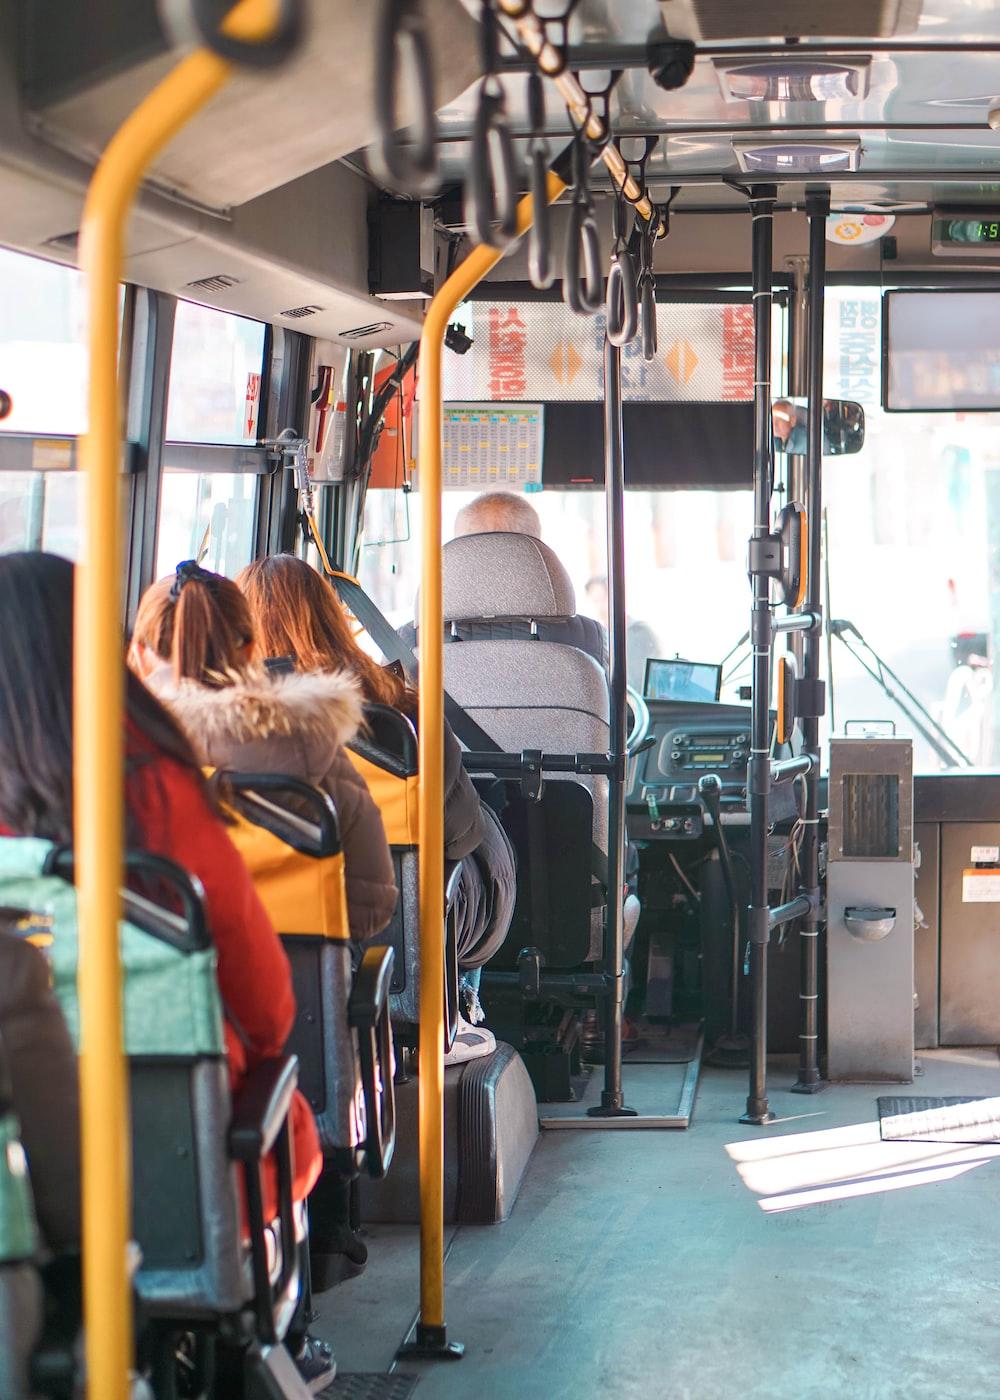 woman in orange jacket sitting on bus seat